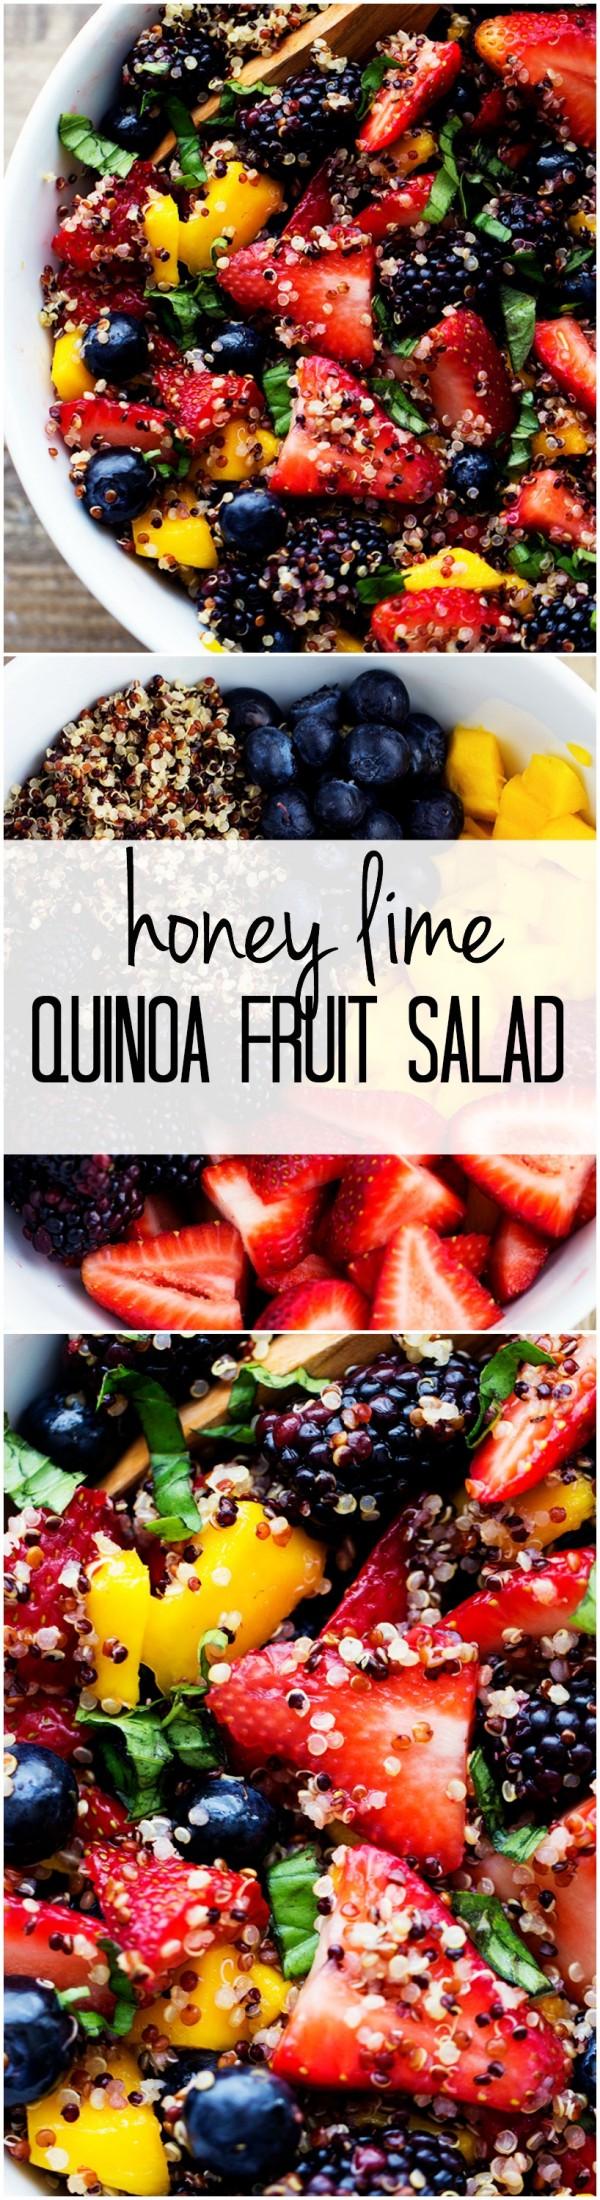 Get the recipe Honey Lime Quinoa Fruit Salad @recipes_to_go